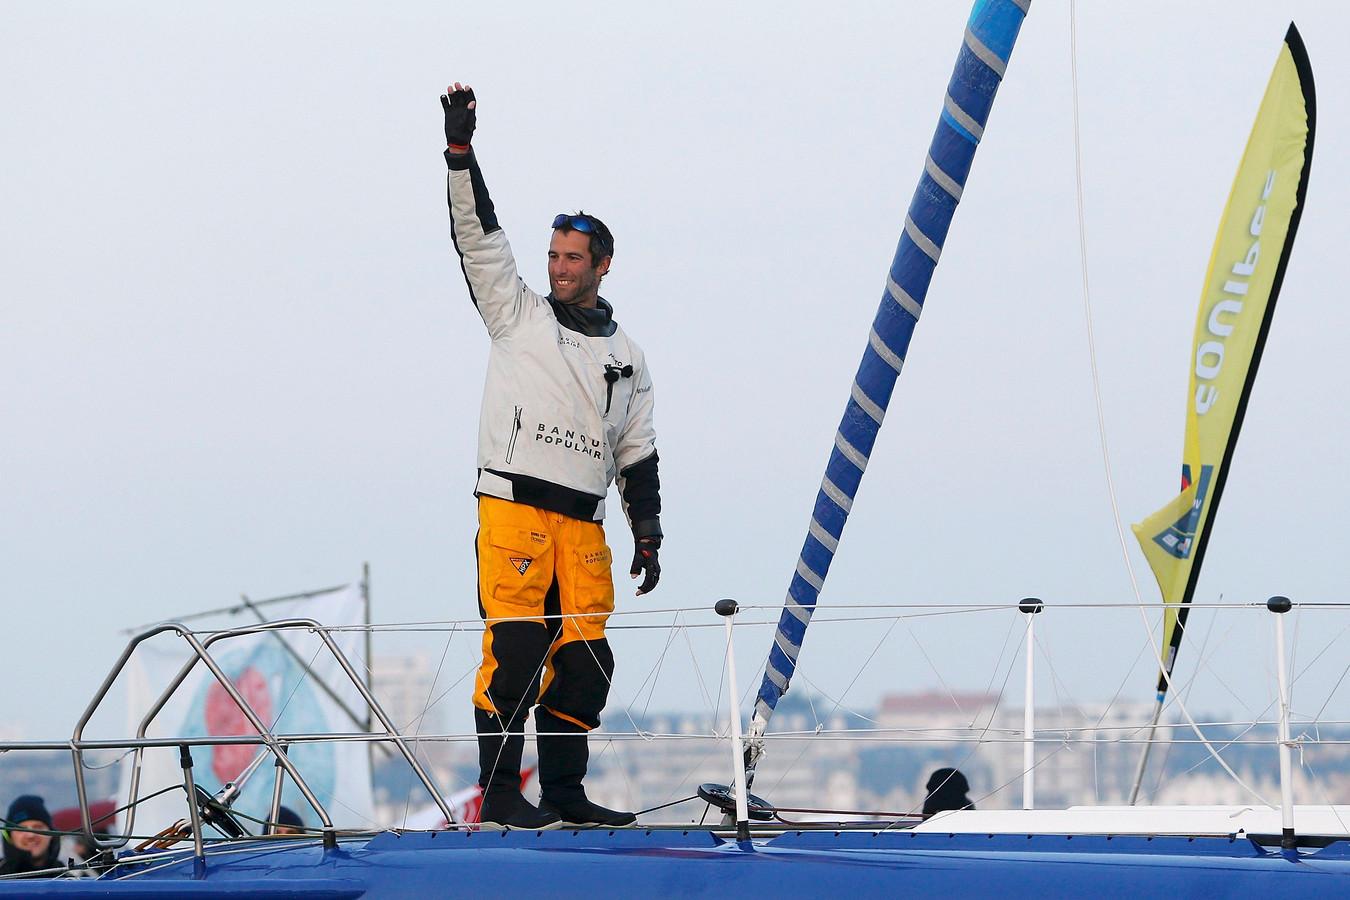 Franse zeiler in recordtijd naar zege in non stop solorace om de wereld foto - Aurelie le cleac h ...